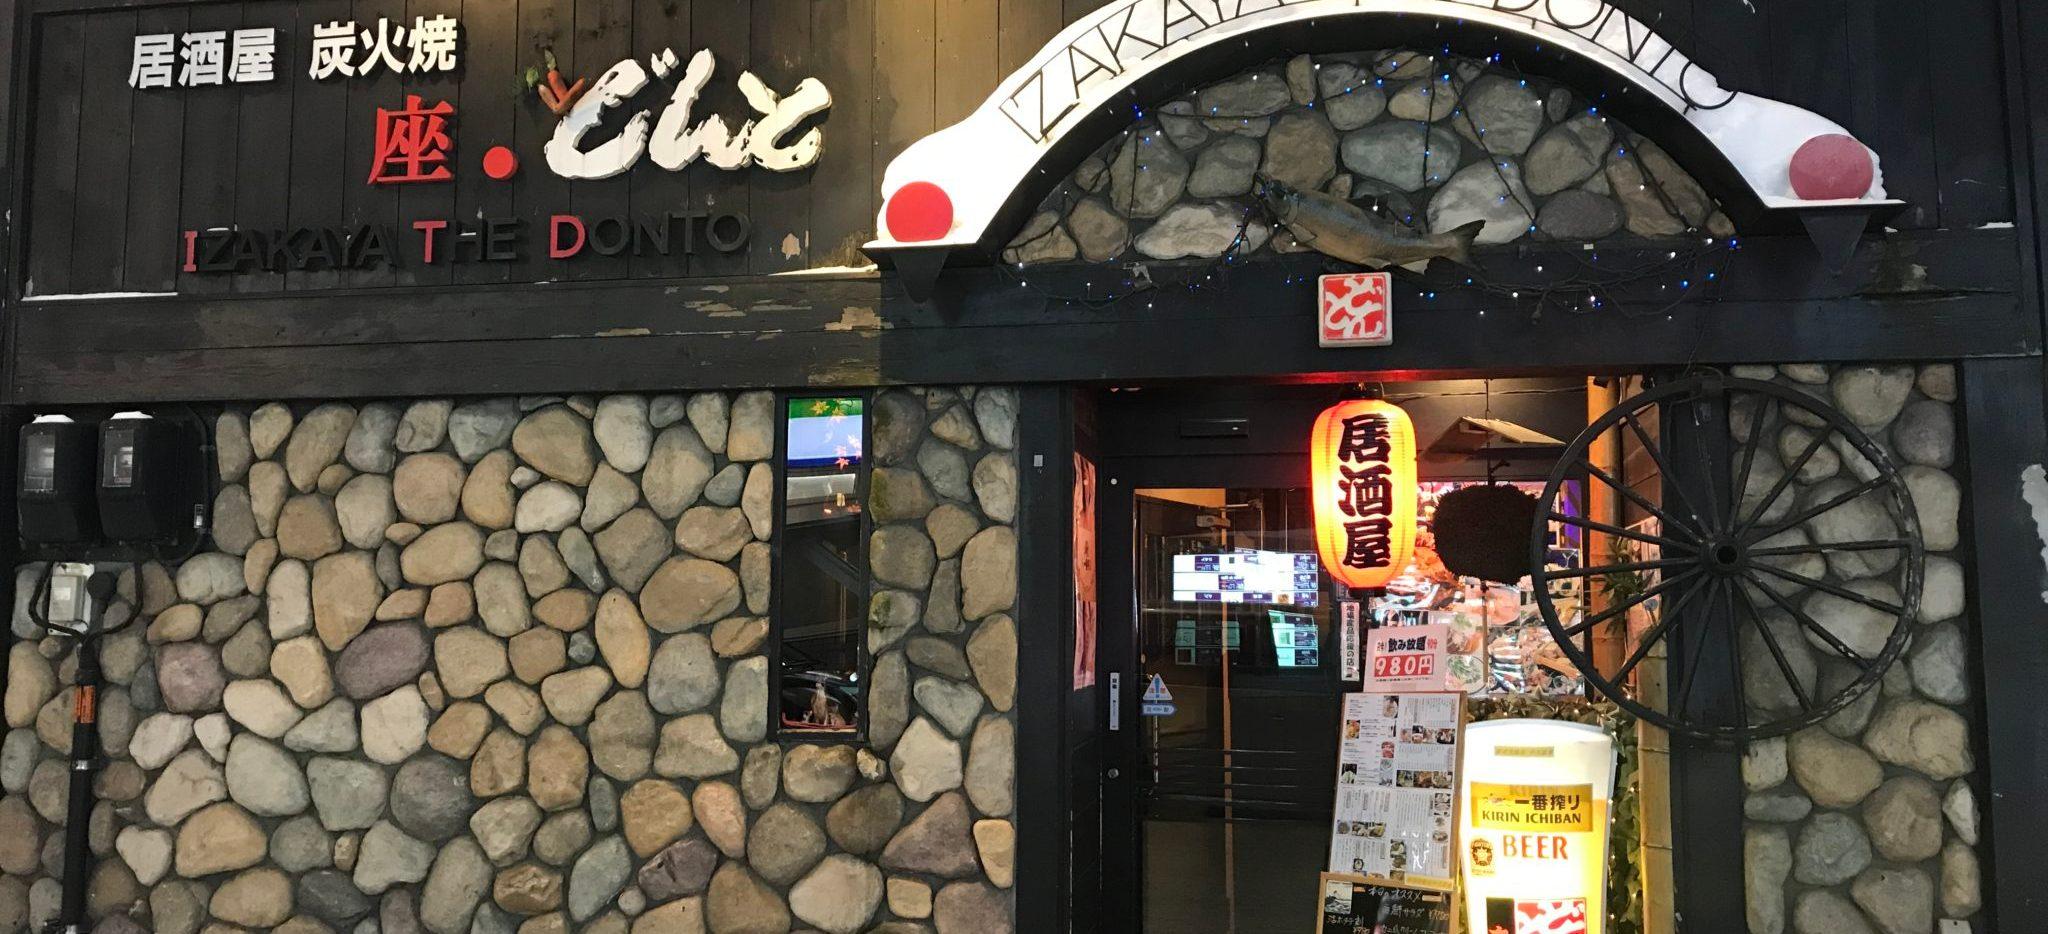 izakaya japonais